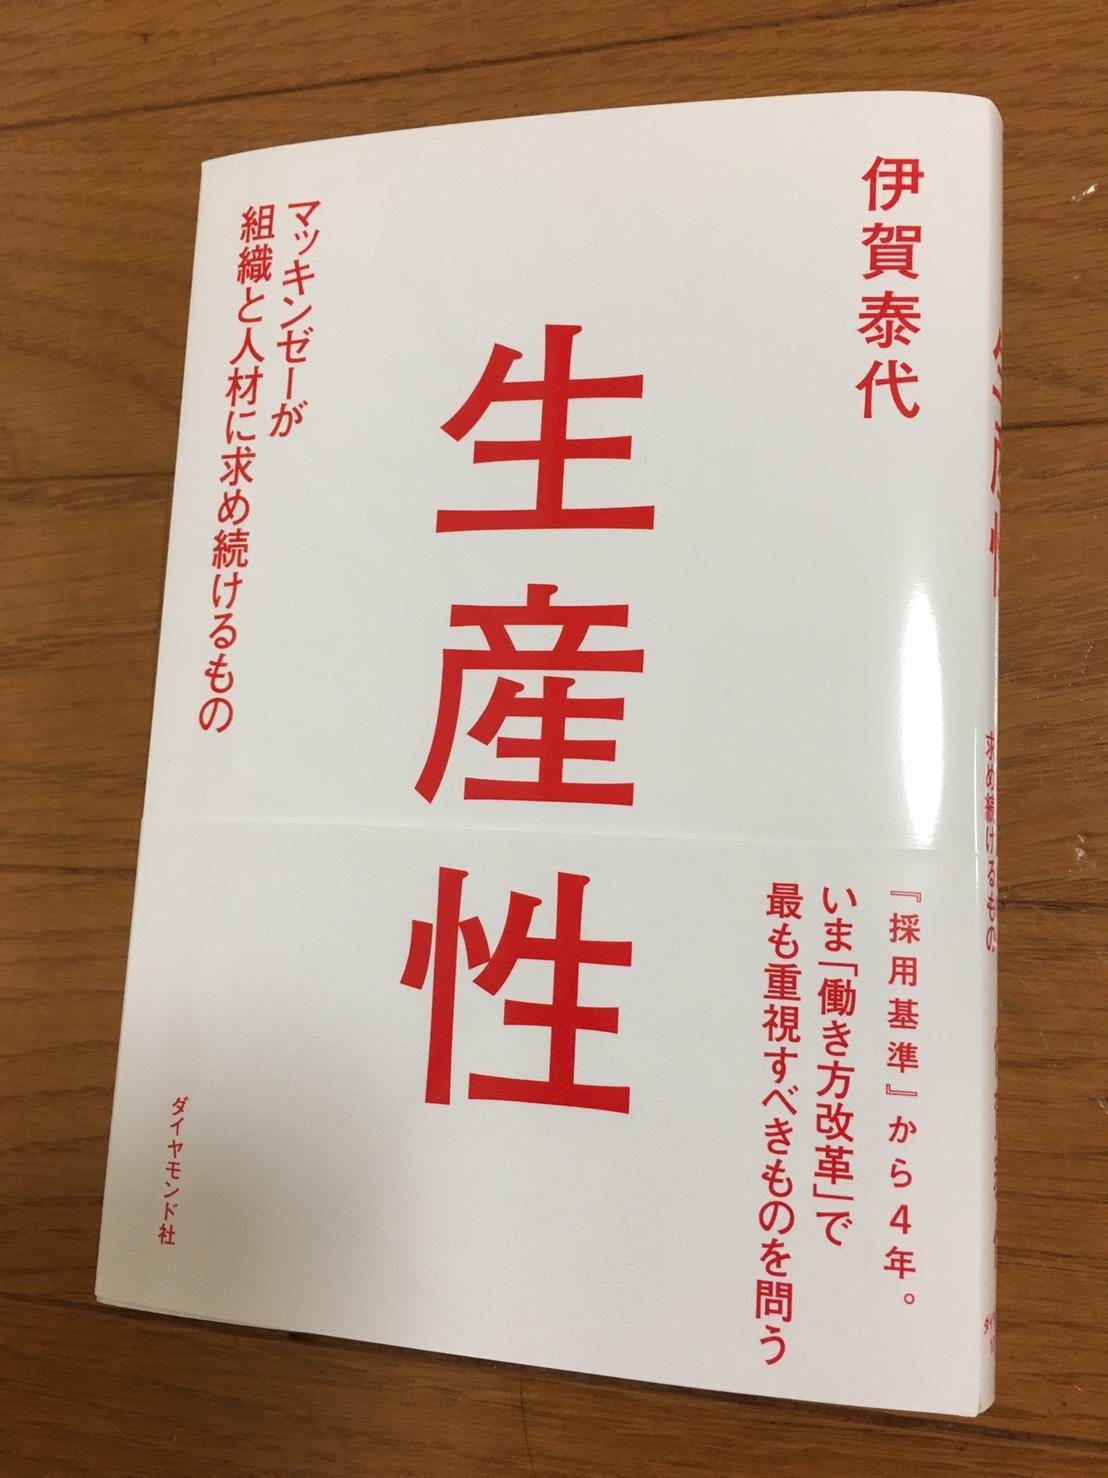 【生産性】 伊賀泰代